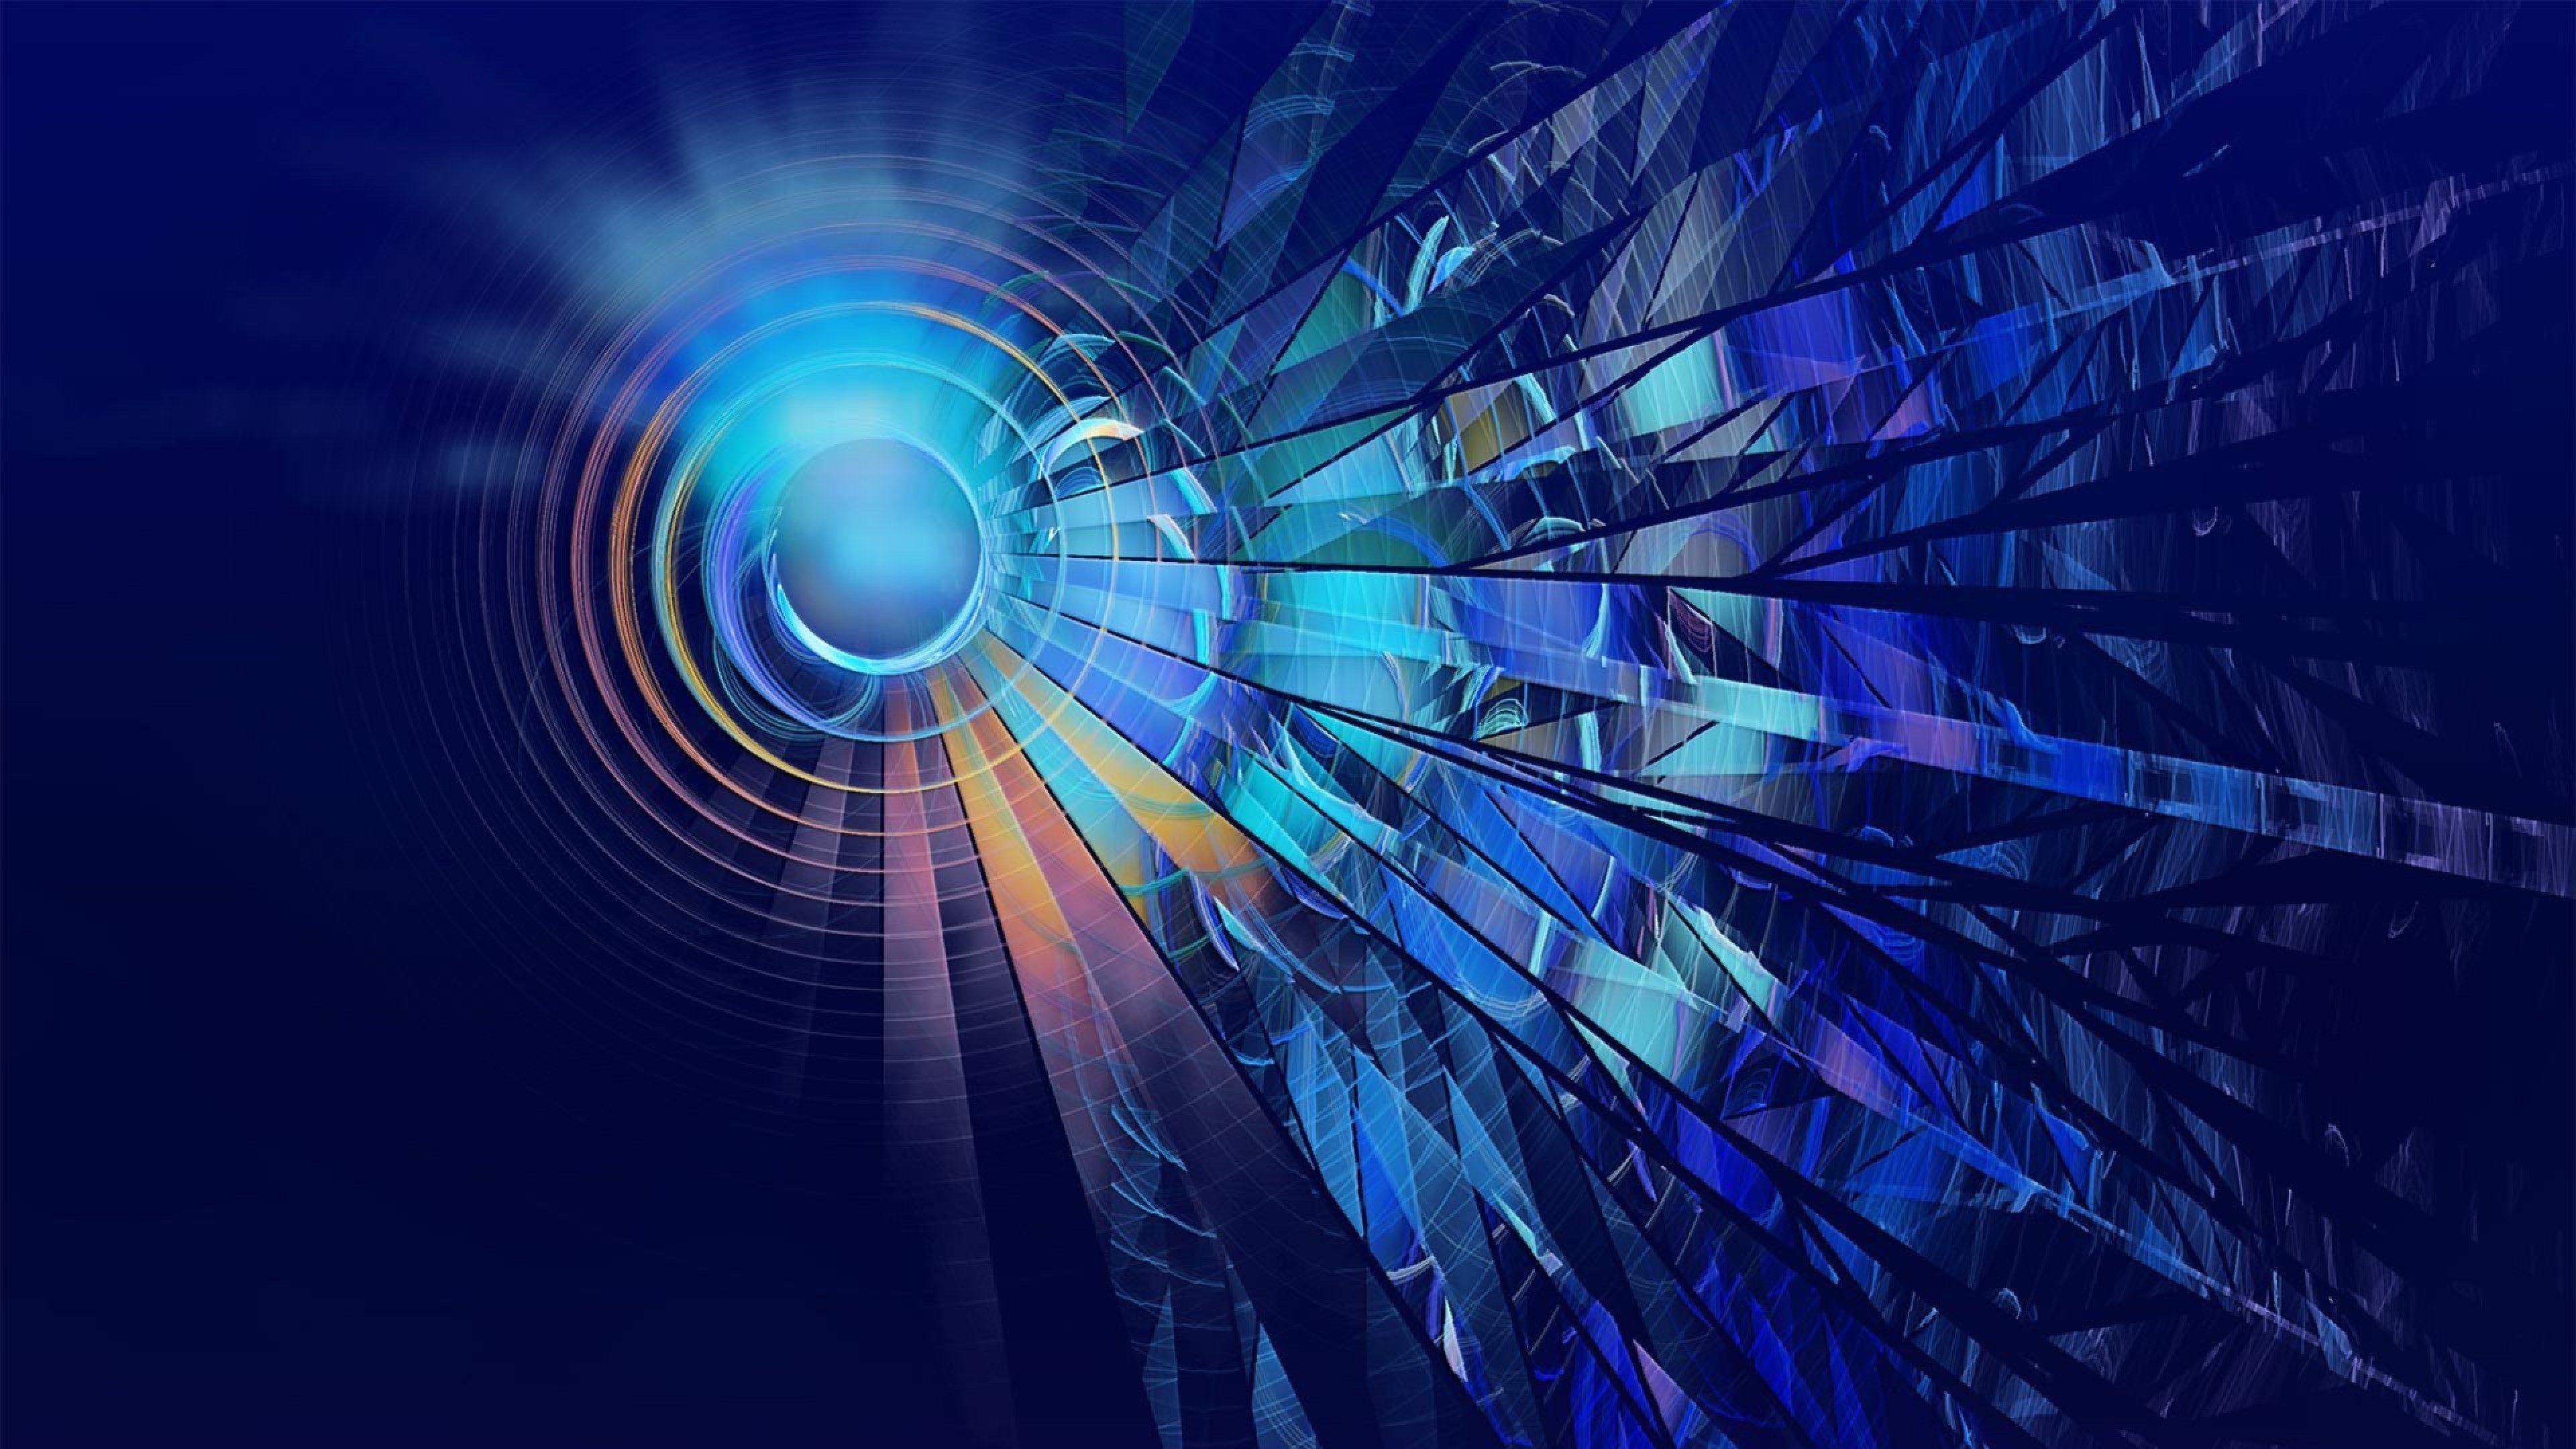 3840x2160 Circles 4k High Definition Widescreen Wallpaper Abstract Wallpaper Backgrounds Blue Background Wallpapers Background Hd Wallpaper